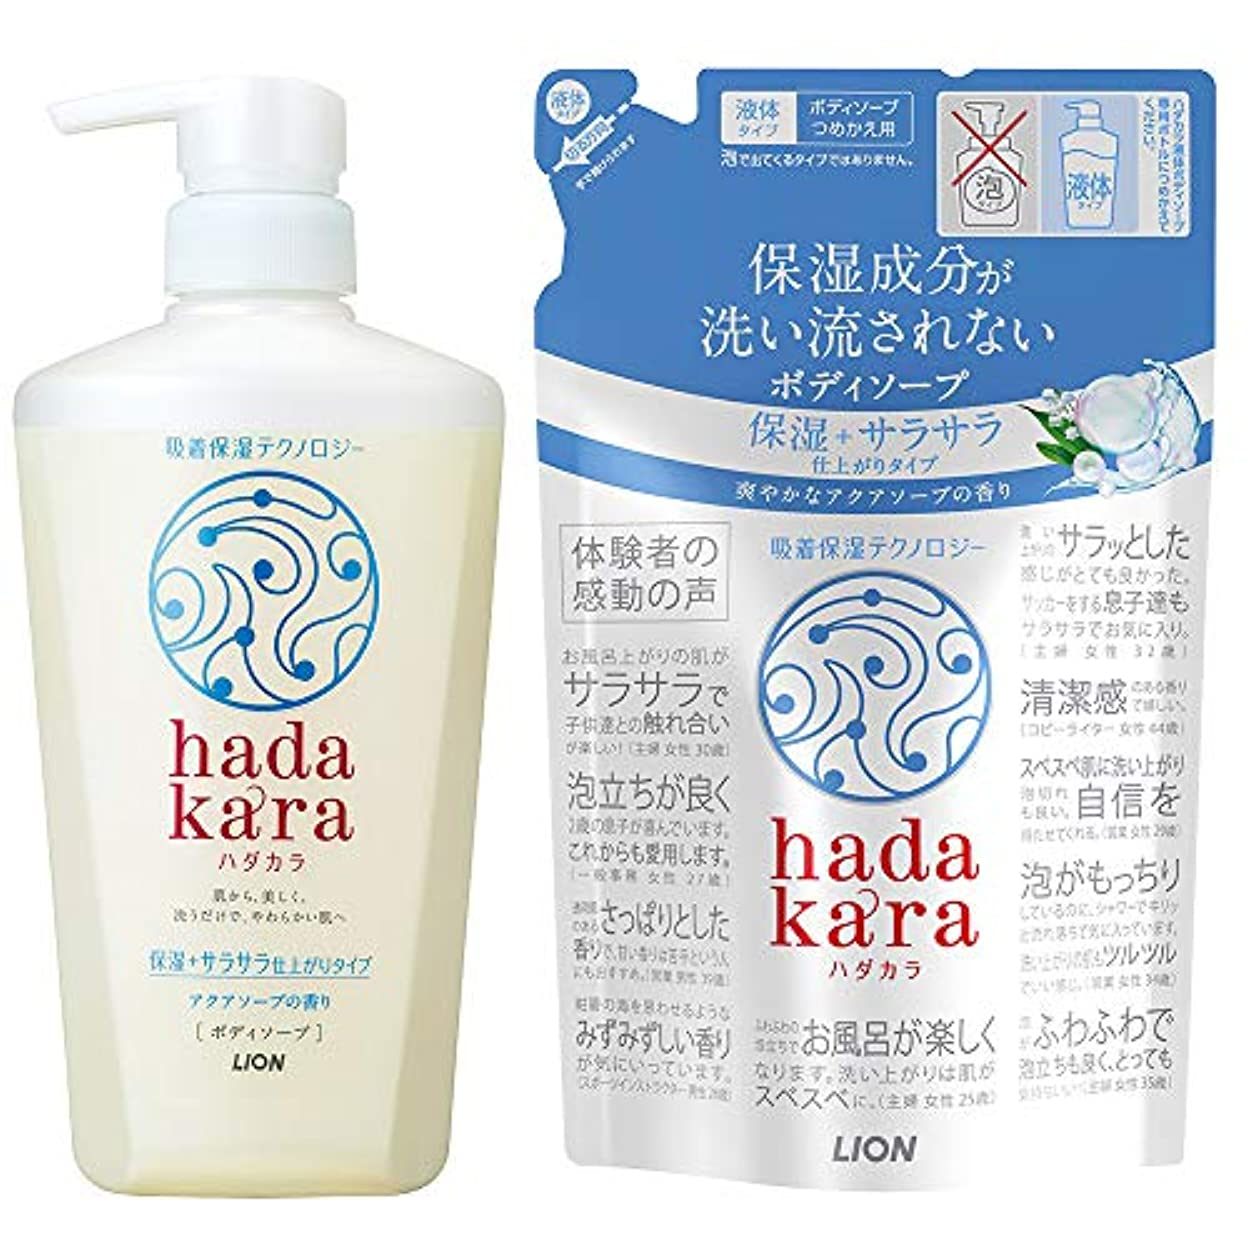 証明する漫画保存するhadakara(ハダカラ)ボディソープ 保湿+サラサラ仕上がりタイプ アクアソープの香り 本体 480ml + つめかえ 340ml